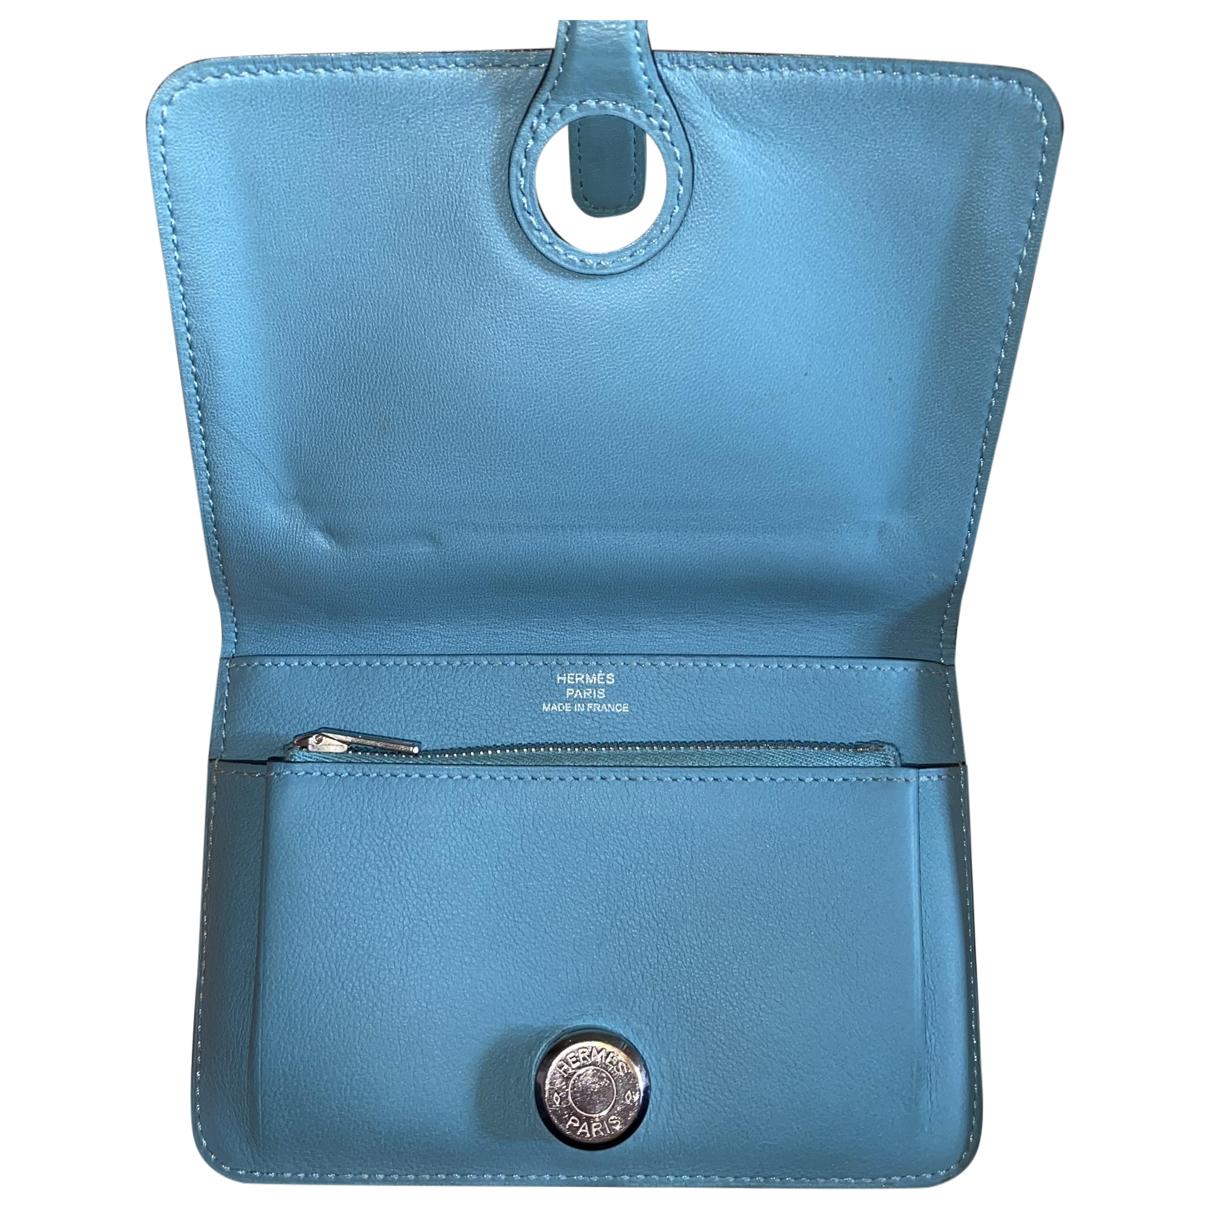 Hermes - Petite maroquinerie Dogon pour femme en cuir - bleu